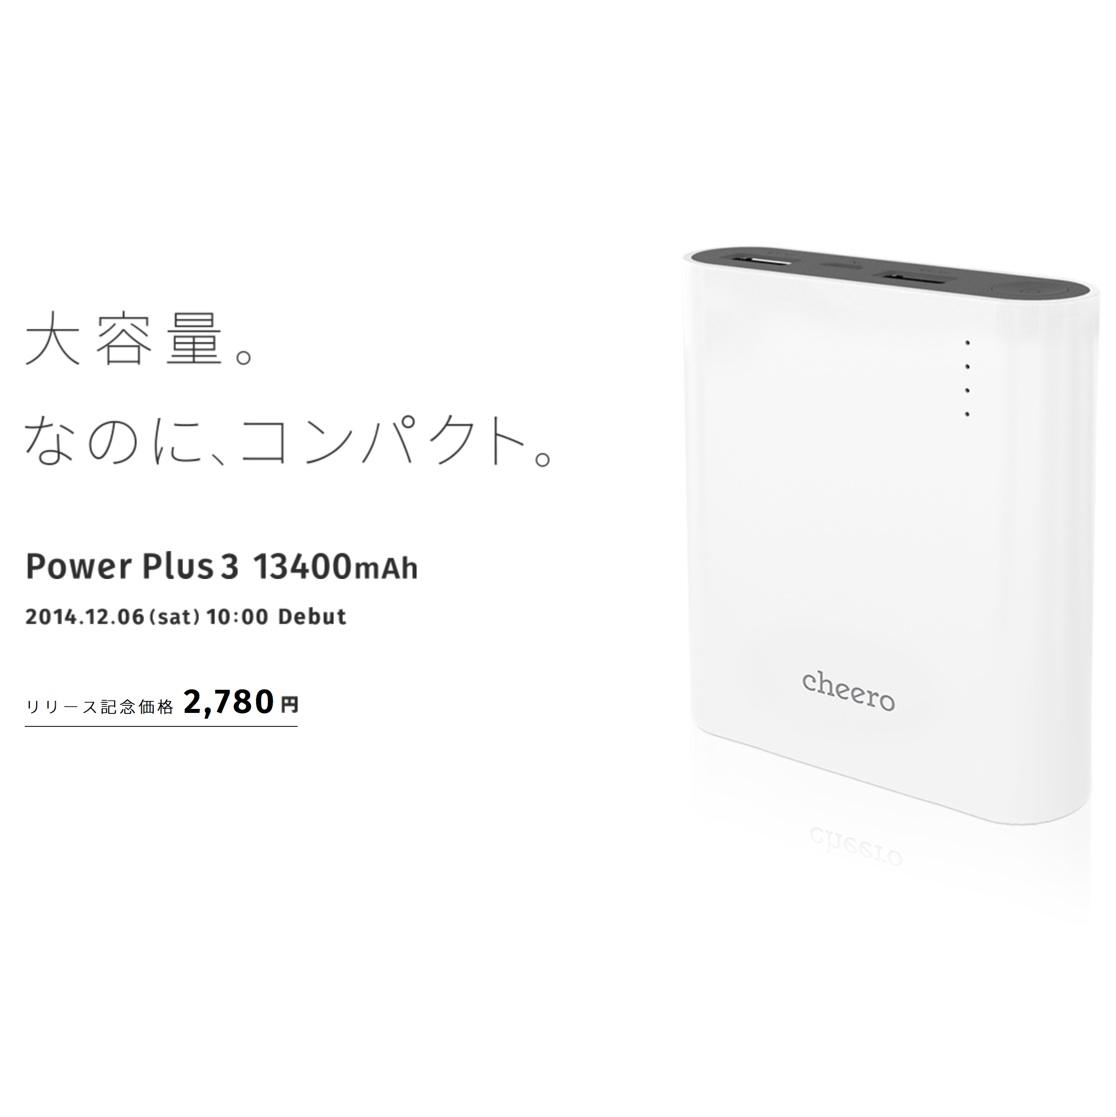 大容量で軽量でコスパ最高なモバイルバッテリー「Power Plus 3」をCheeroが発表!